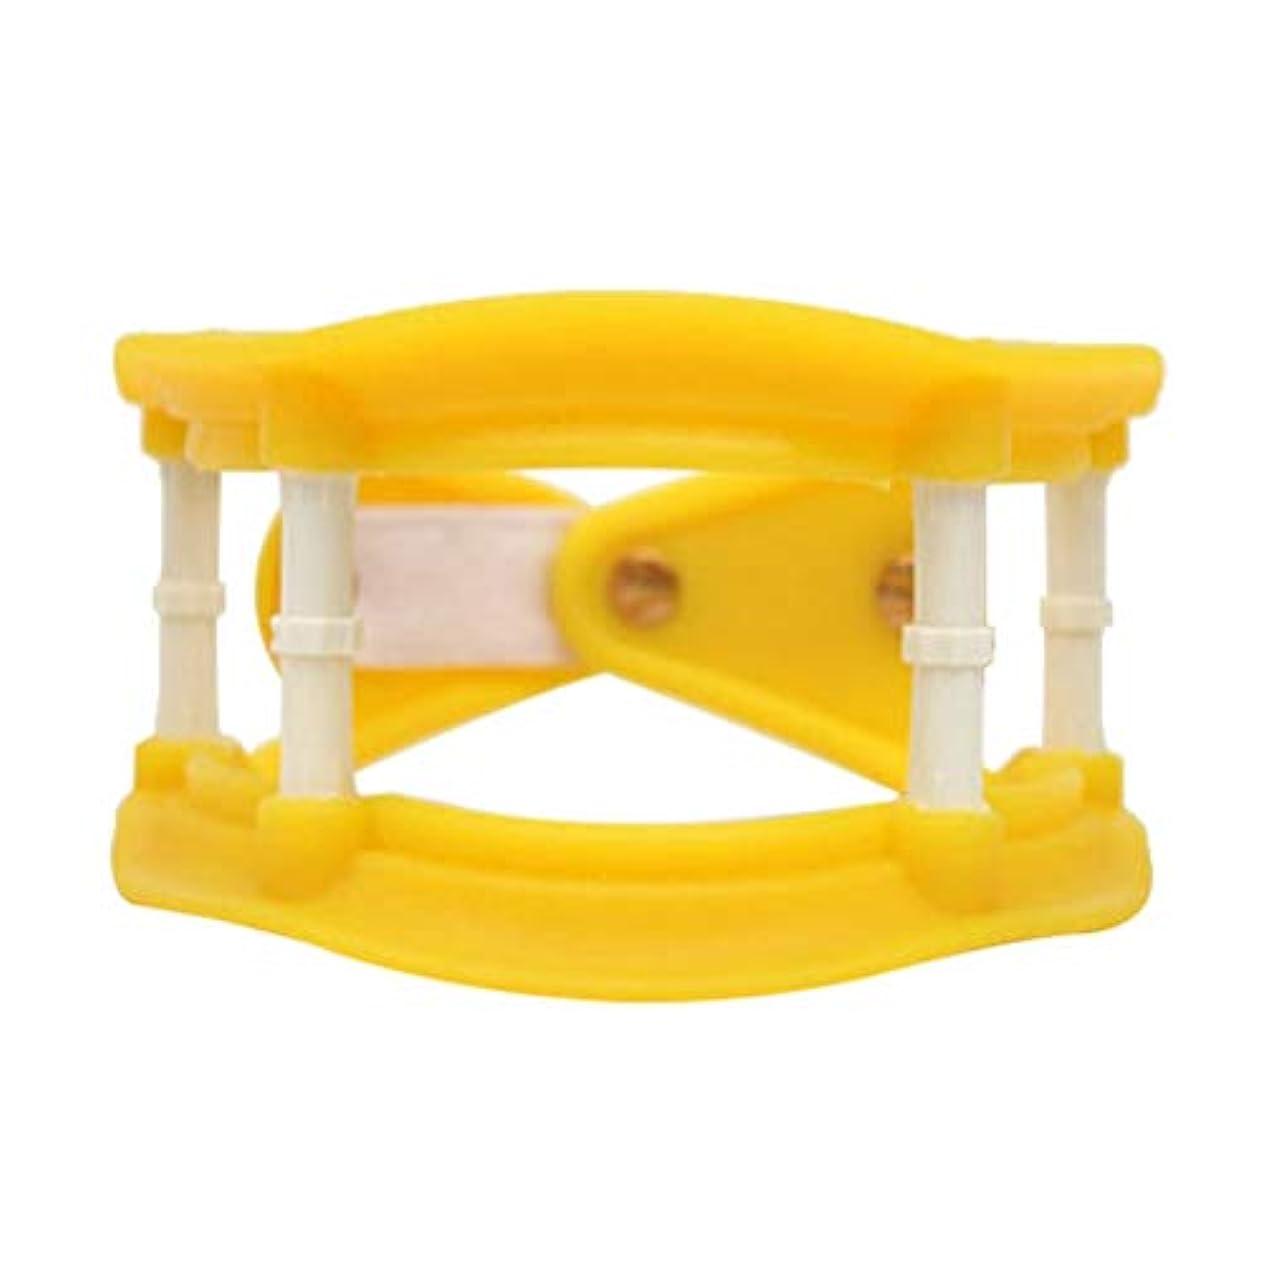 取り扱い孤児求人Healifty 首の牽引通気性の首サポートブレース調整可能な首のつばの首の痛みを軽減します傷害回復(黄色)